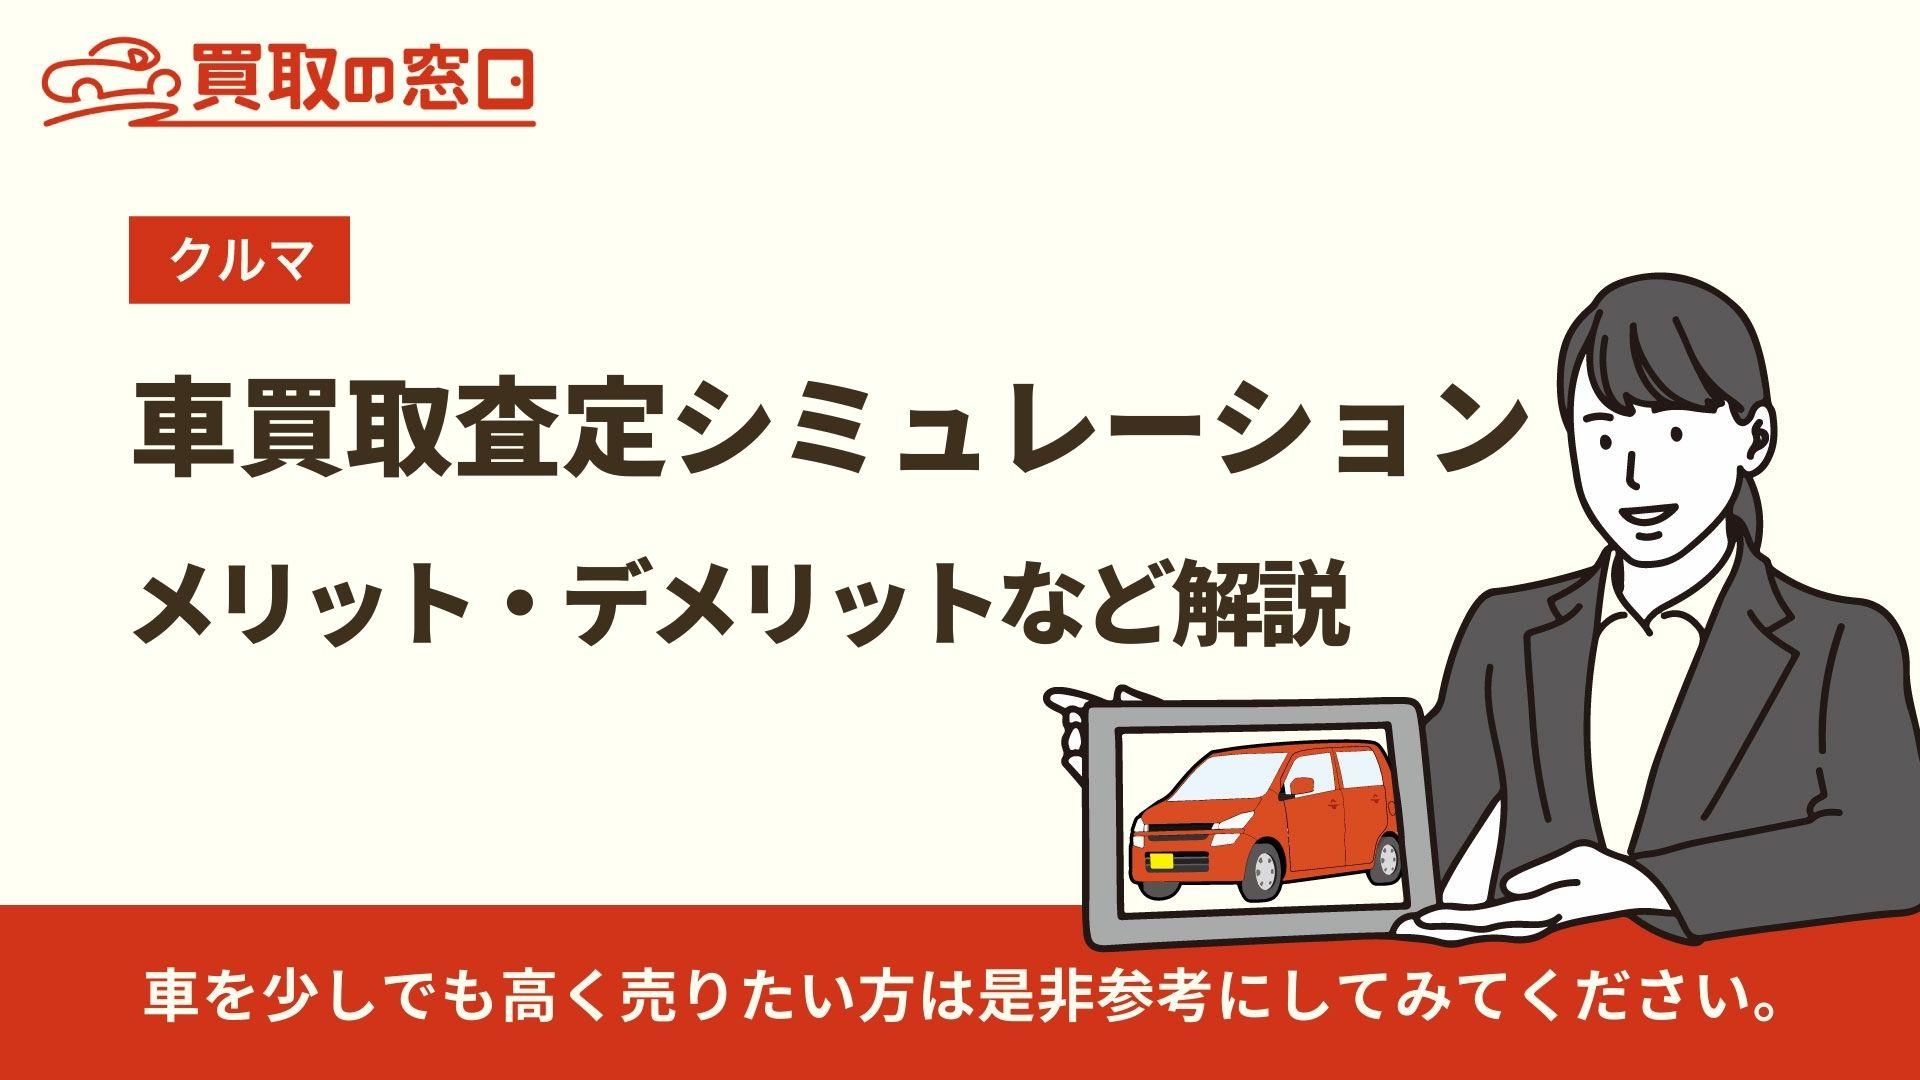 車買取査定のシミュレーションで相場を知ろう!個人情報なしでOK?